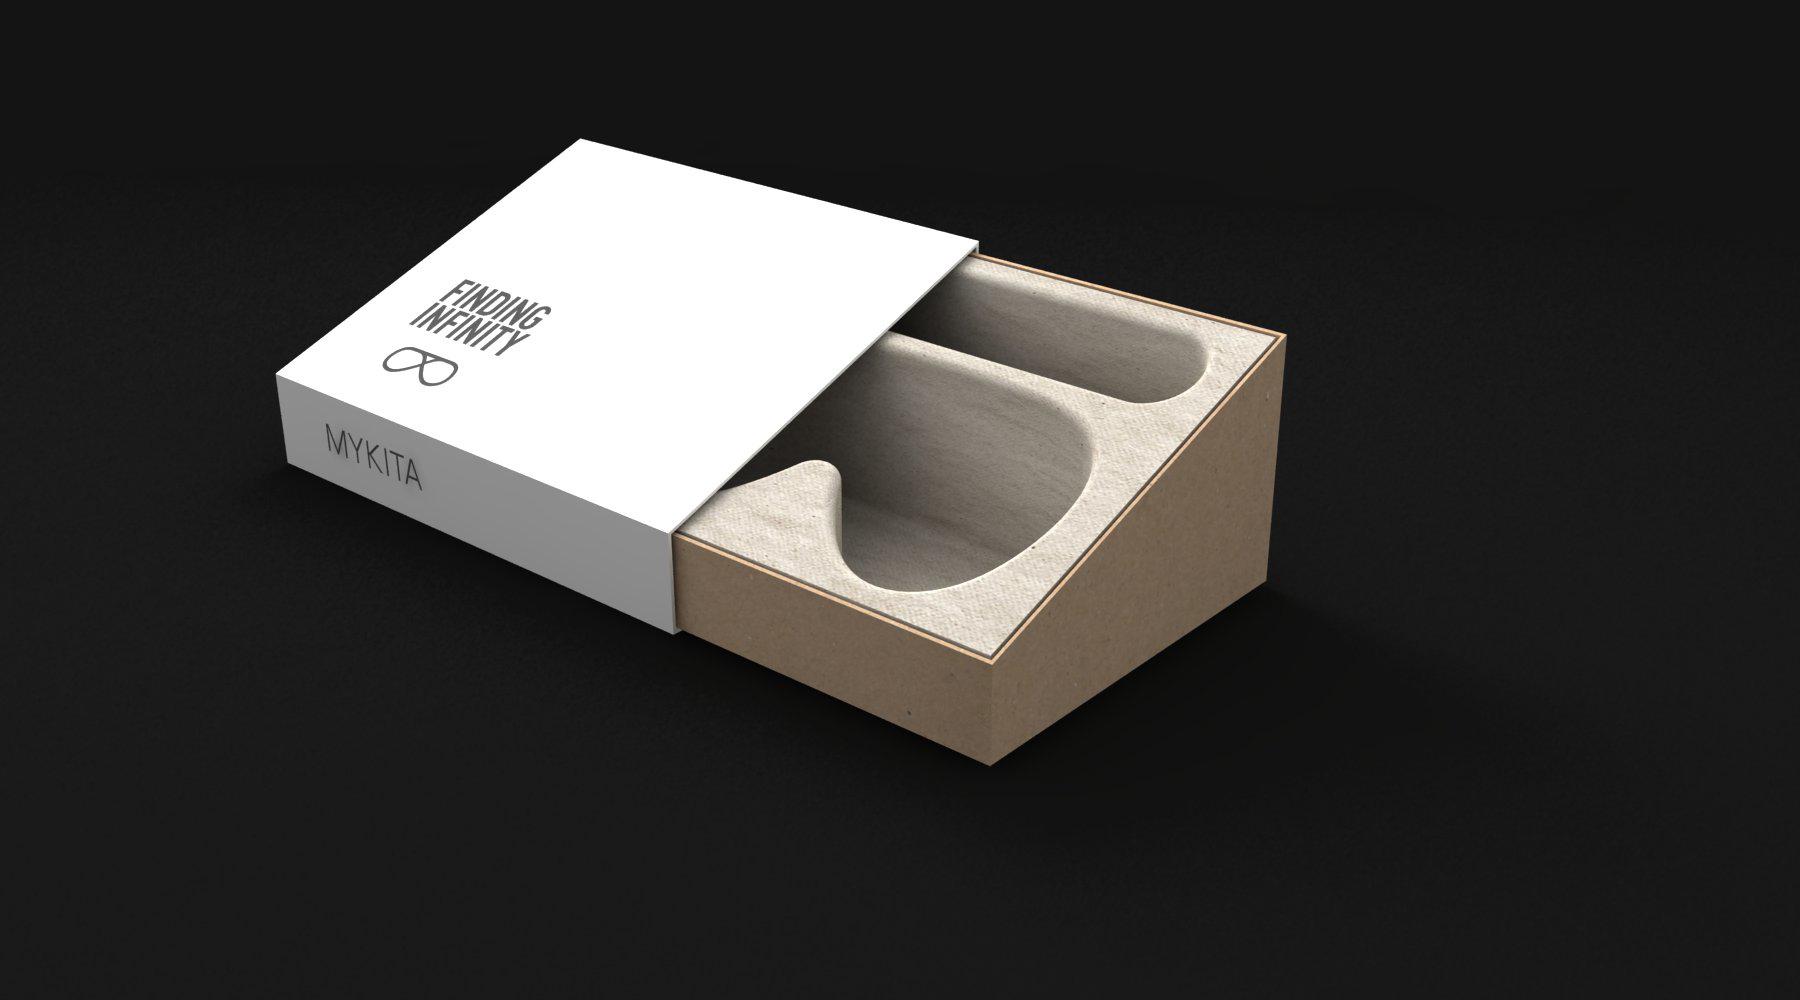 20121216_mykita_FI verpackung 2_05